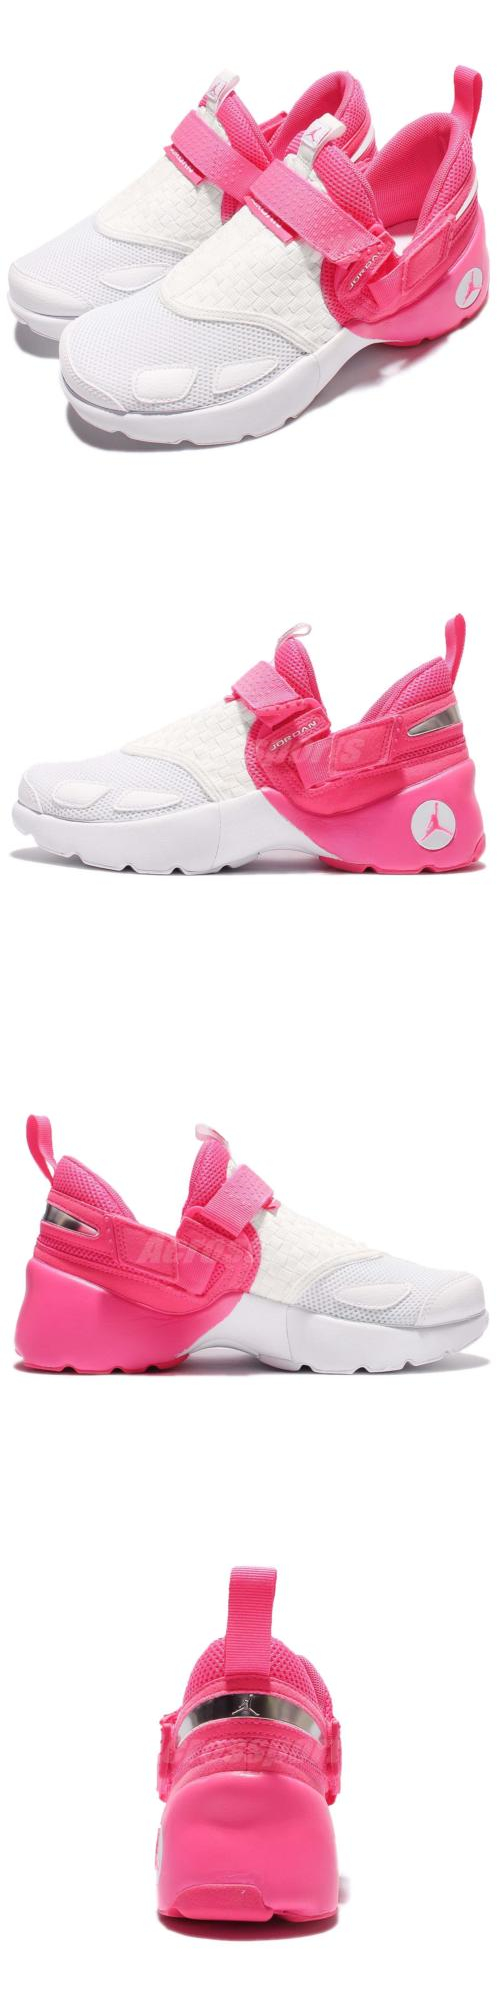 ... Youth 158954 Nike Jordan Trunner Lx Gg Hyper Pink Girls Kids Women  Training Shoes 897994 ... ed3b29e14